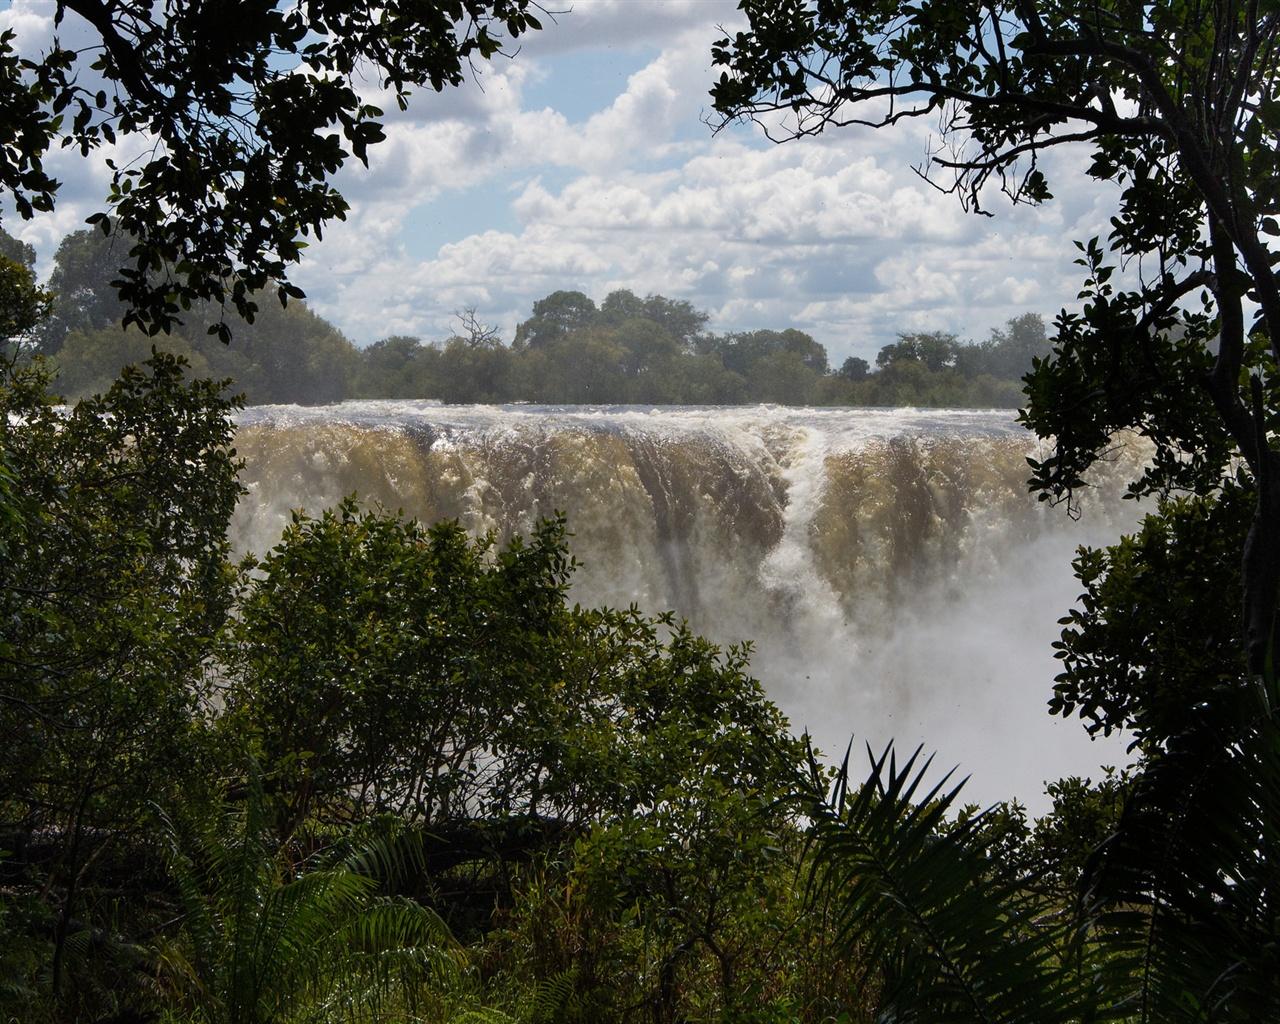 Fondo Pantalla Paisaje Cascadas Y Naturaleza: Cascada, árboles, Nubes, Paisaje De La Naturaleza Fondos